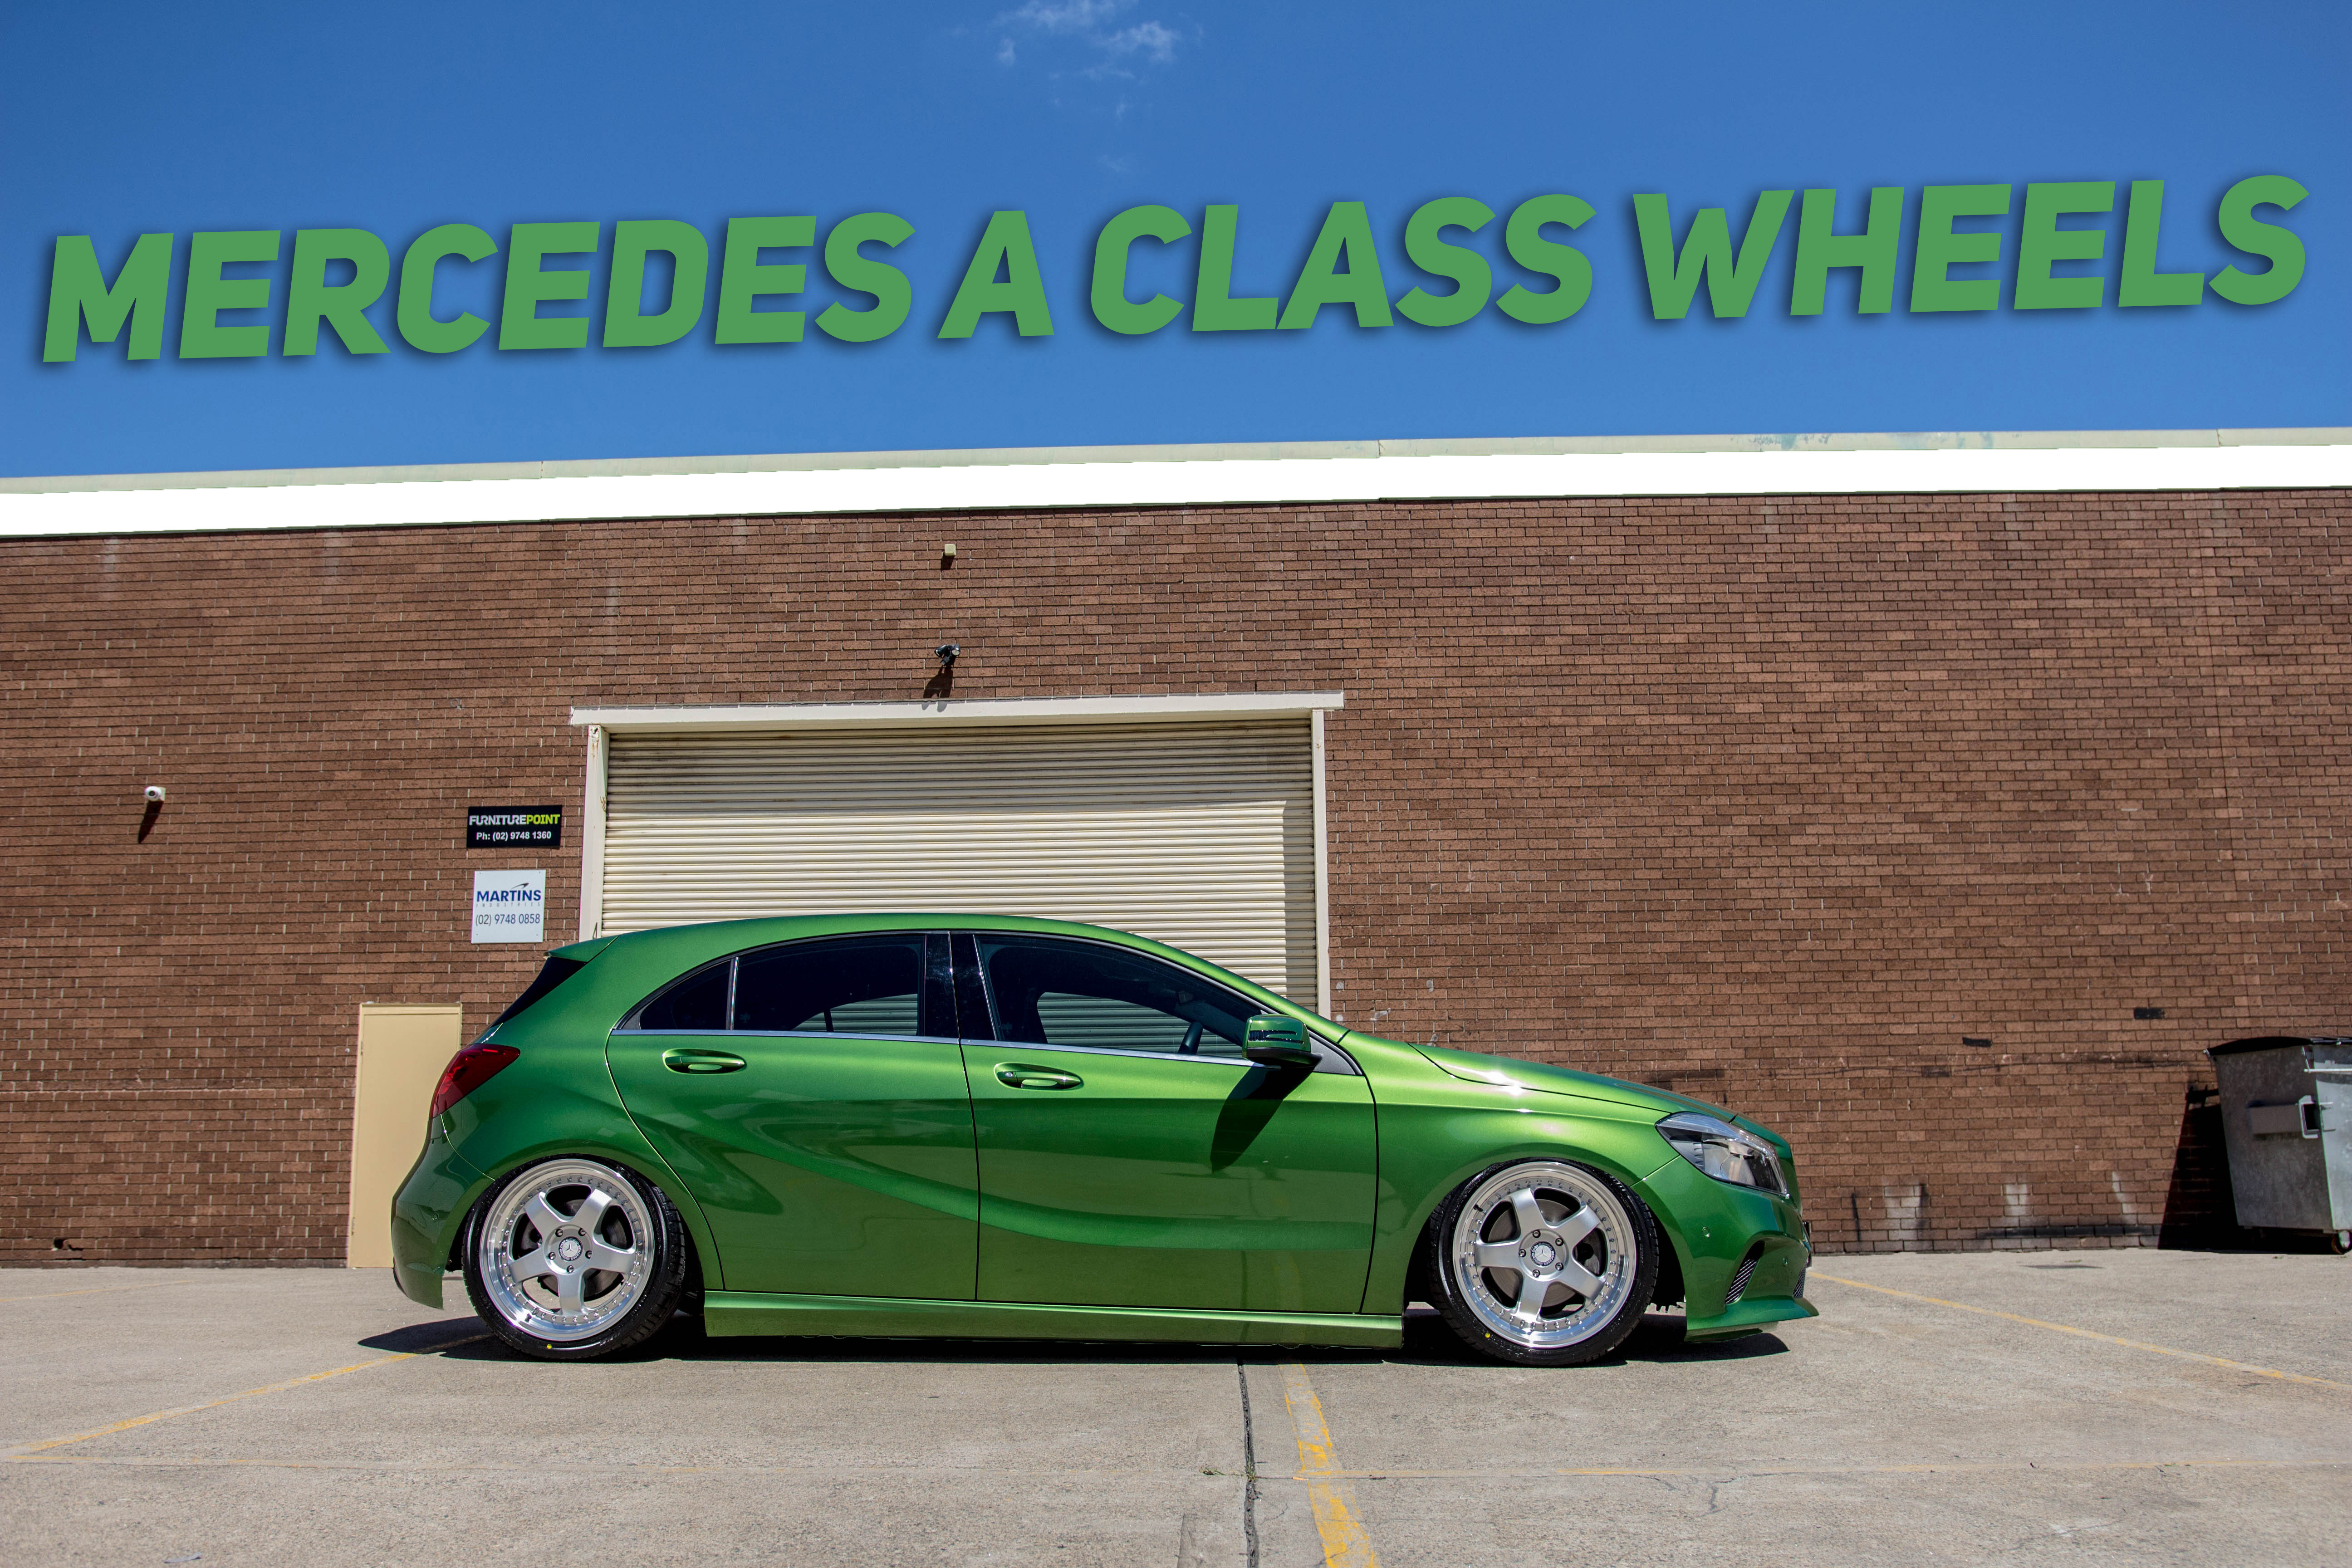 Mercedes A Class Wheels